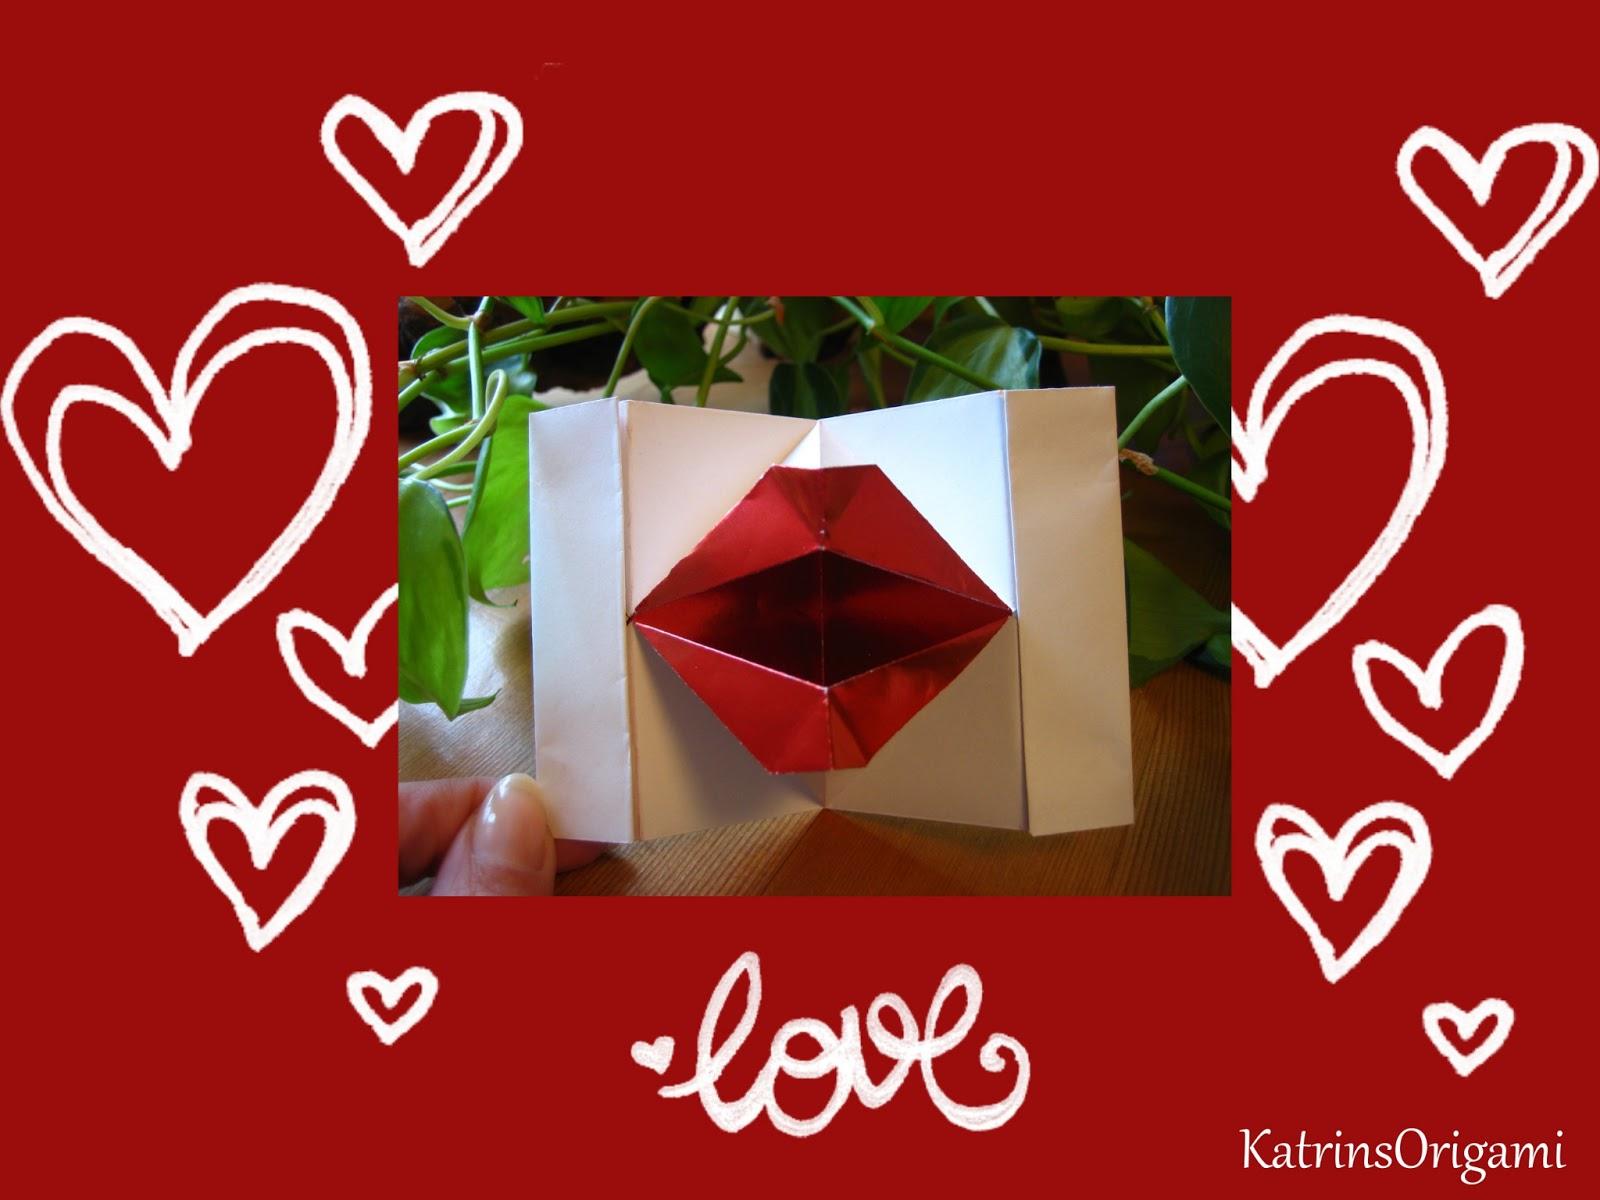 origami die kunst des papierfaltens origami kissing lips. Black Bedroom Furniture Sets. Home Design Ideas